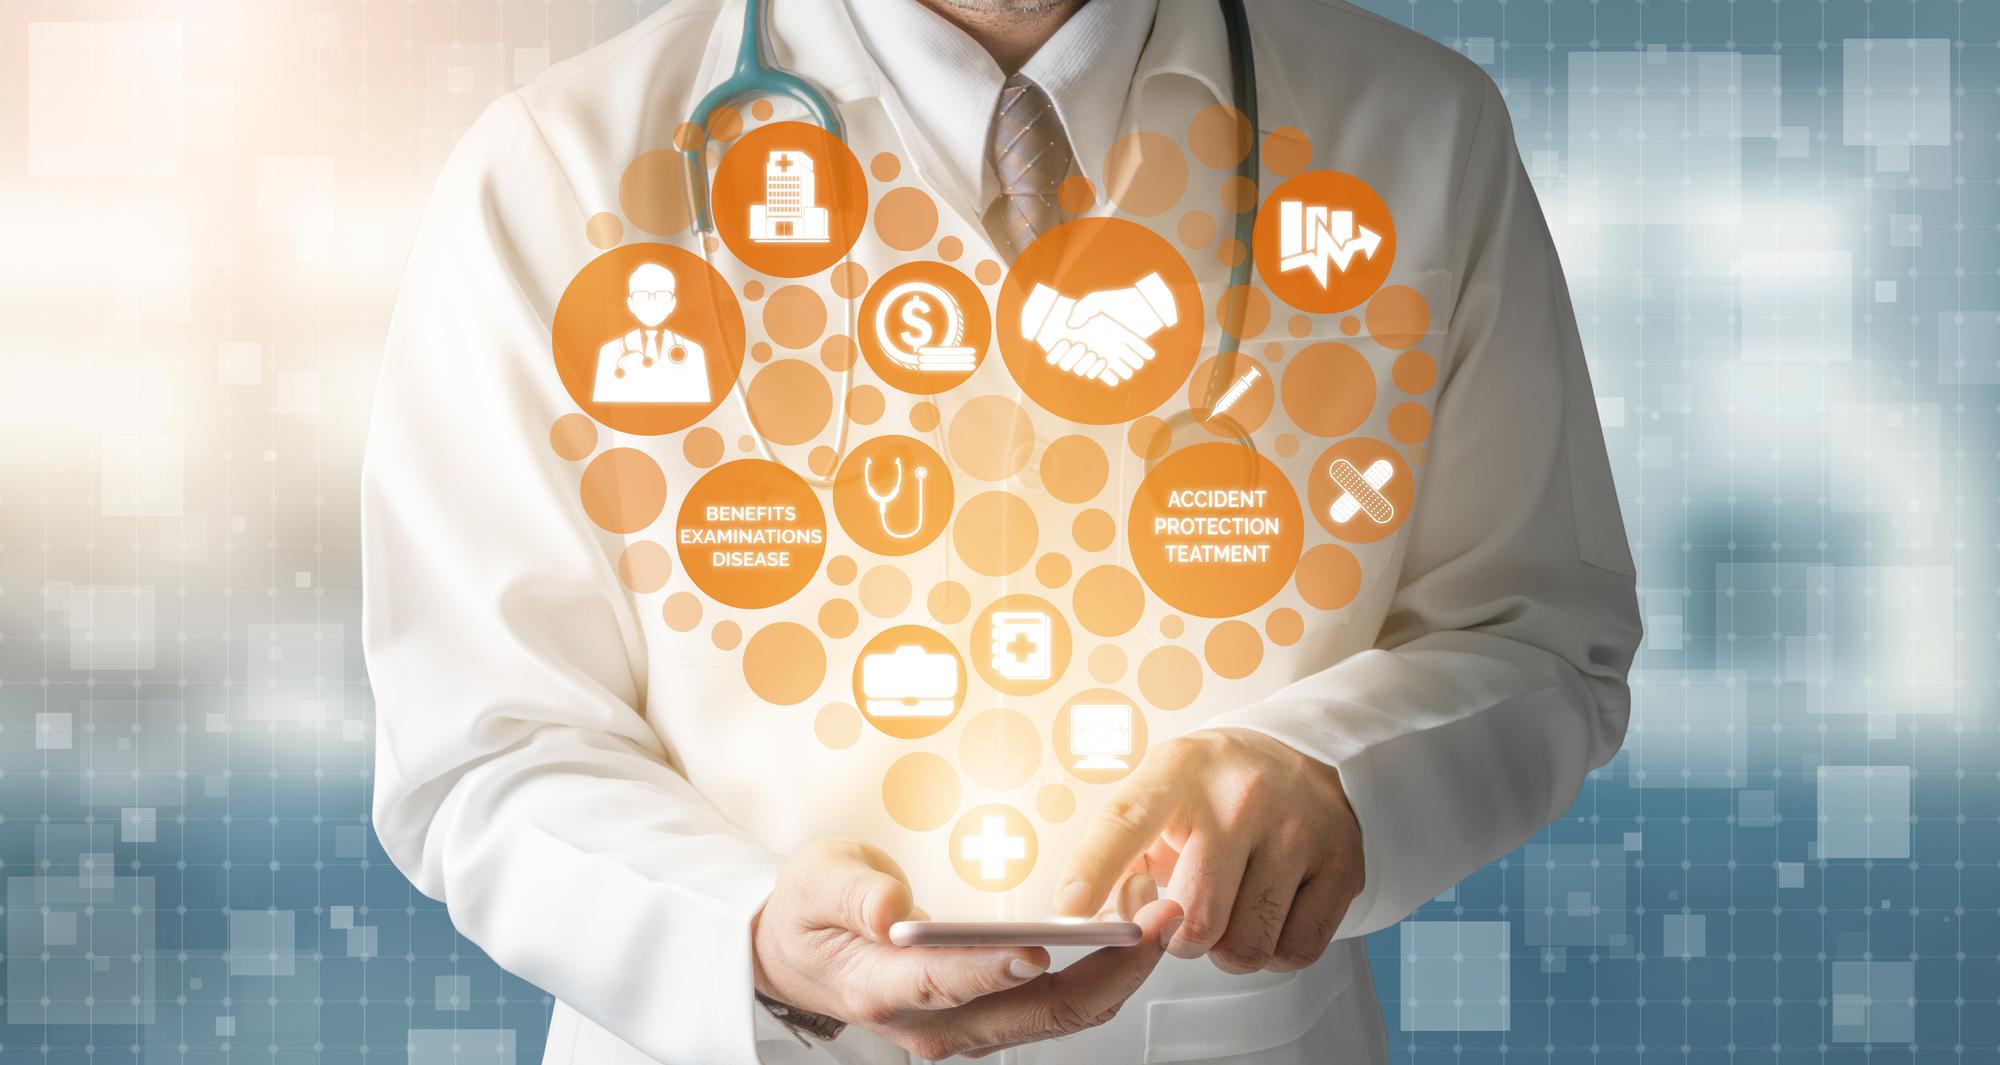 病院やクリニック業界で「M&A」が増加しているワケ